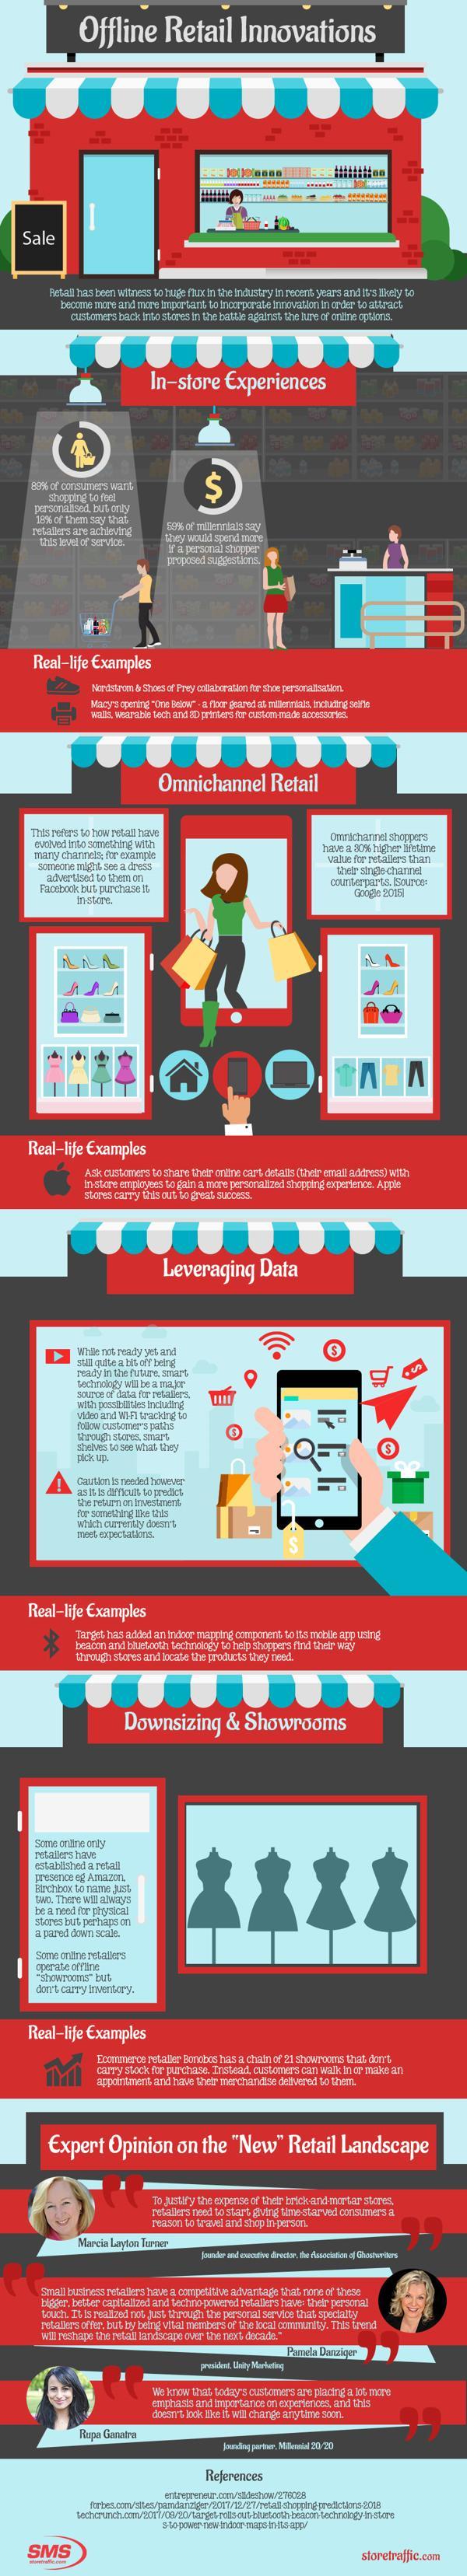 Offline Retail Innovations 1